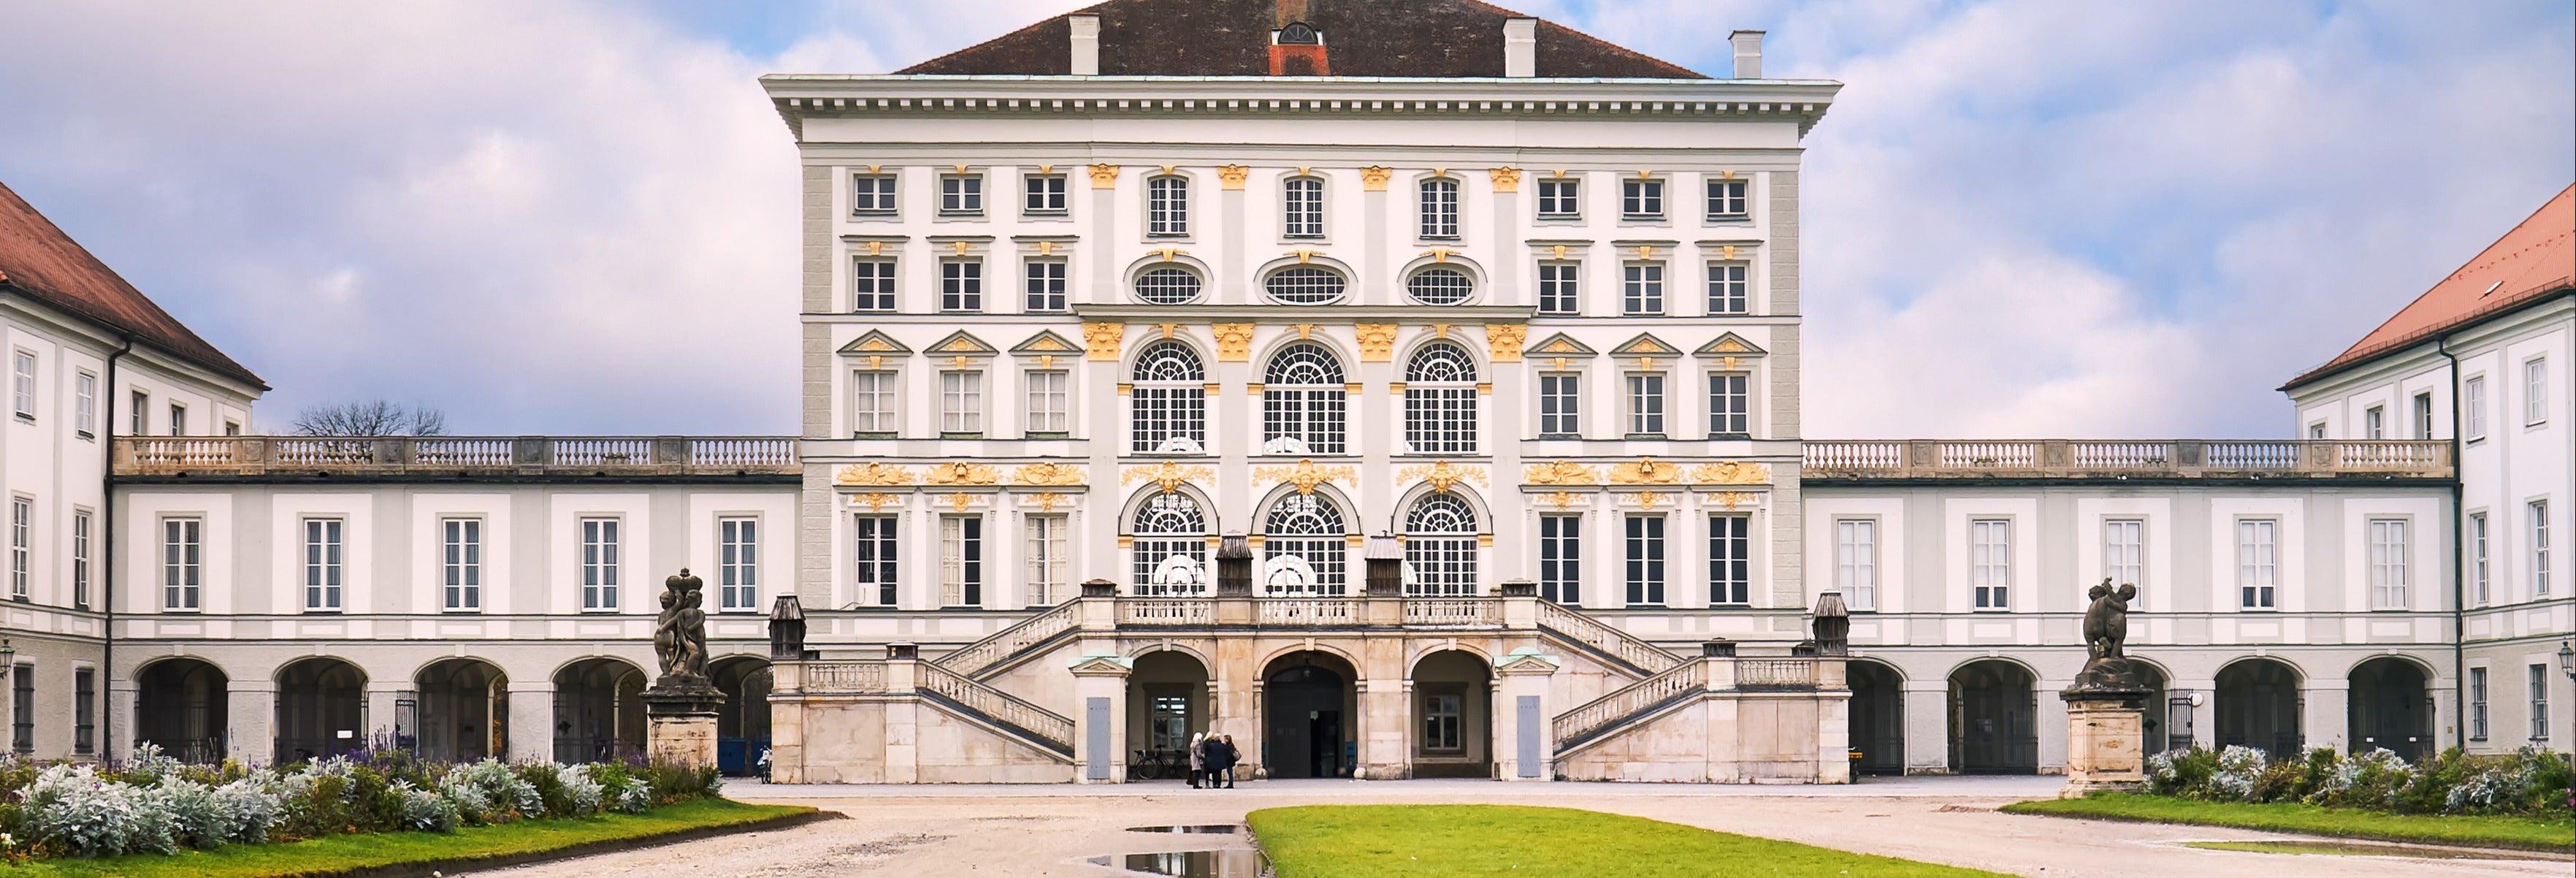 Excursão ao Palácio de Nymphenburg